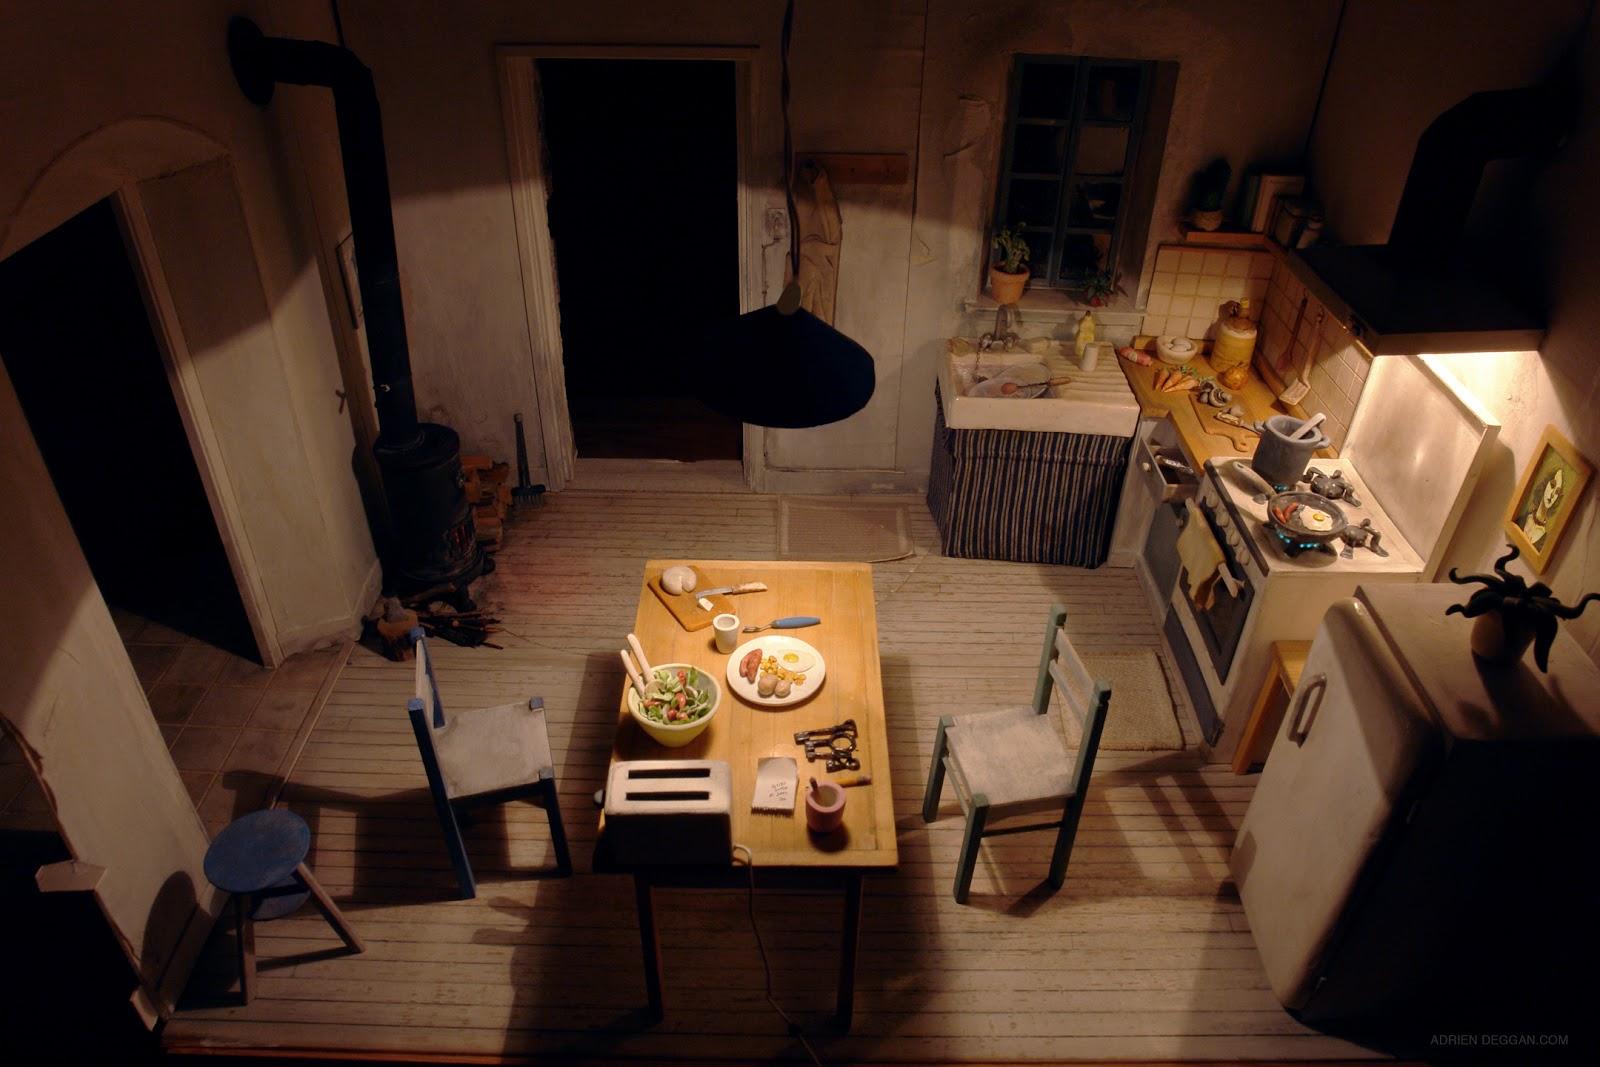 Kitchen Set Adrien Deggan